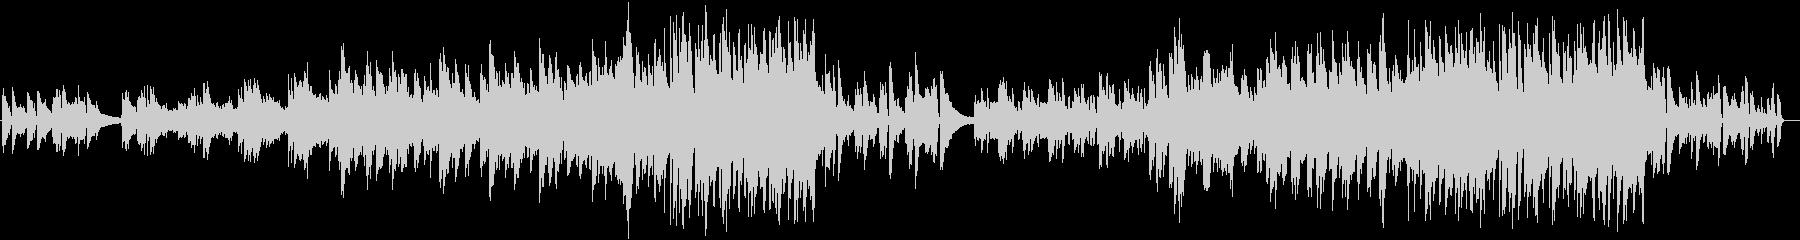 ピアノソロの感動的なバラードの未再生の波形